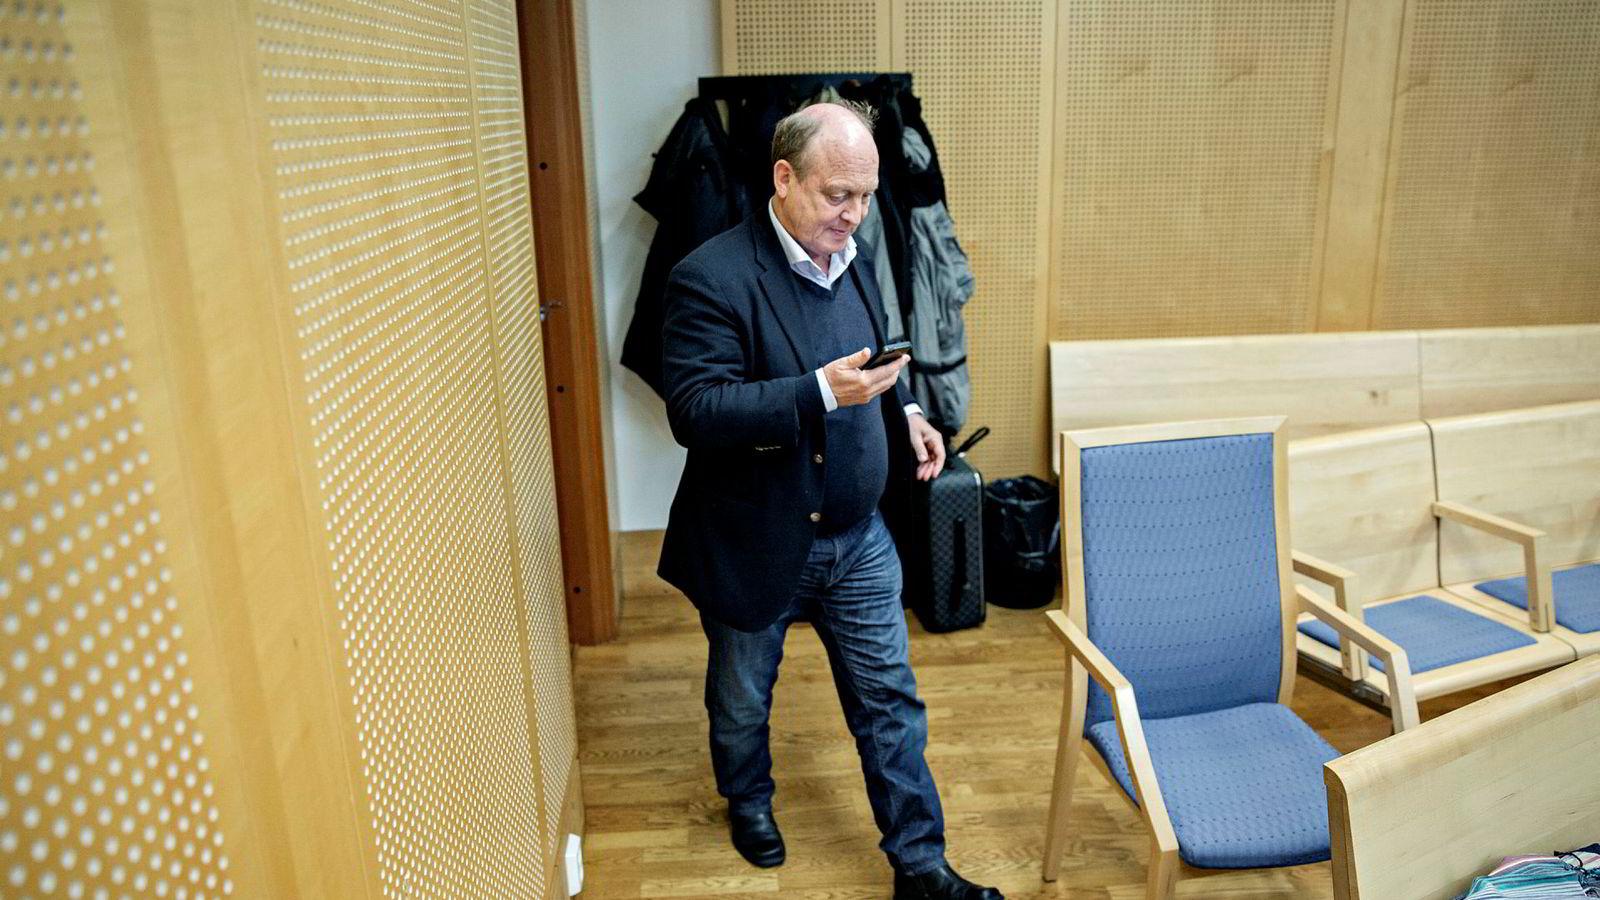 Advokat Harald Røer er slått personlig konkurs. Det åpner for at bostyret kan kreve omstøtelse av Røers salg av familiens herregård på Nesodden til sønnen.